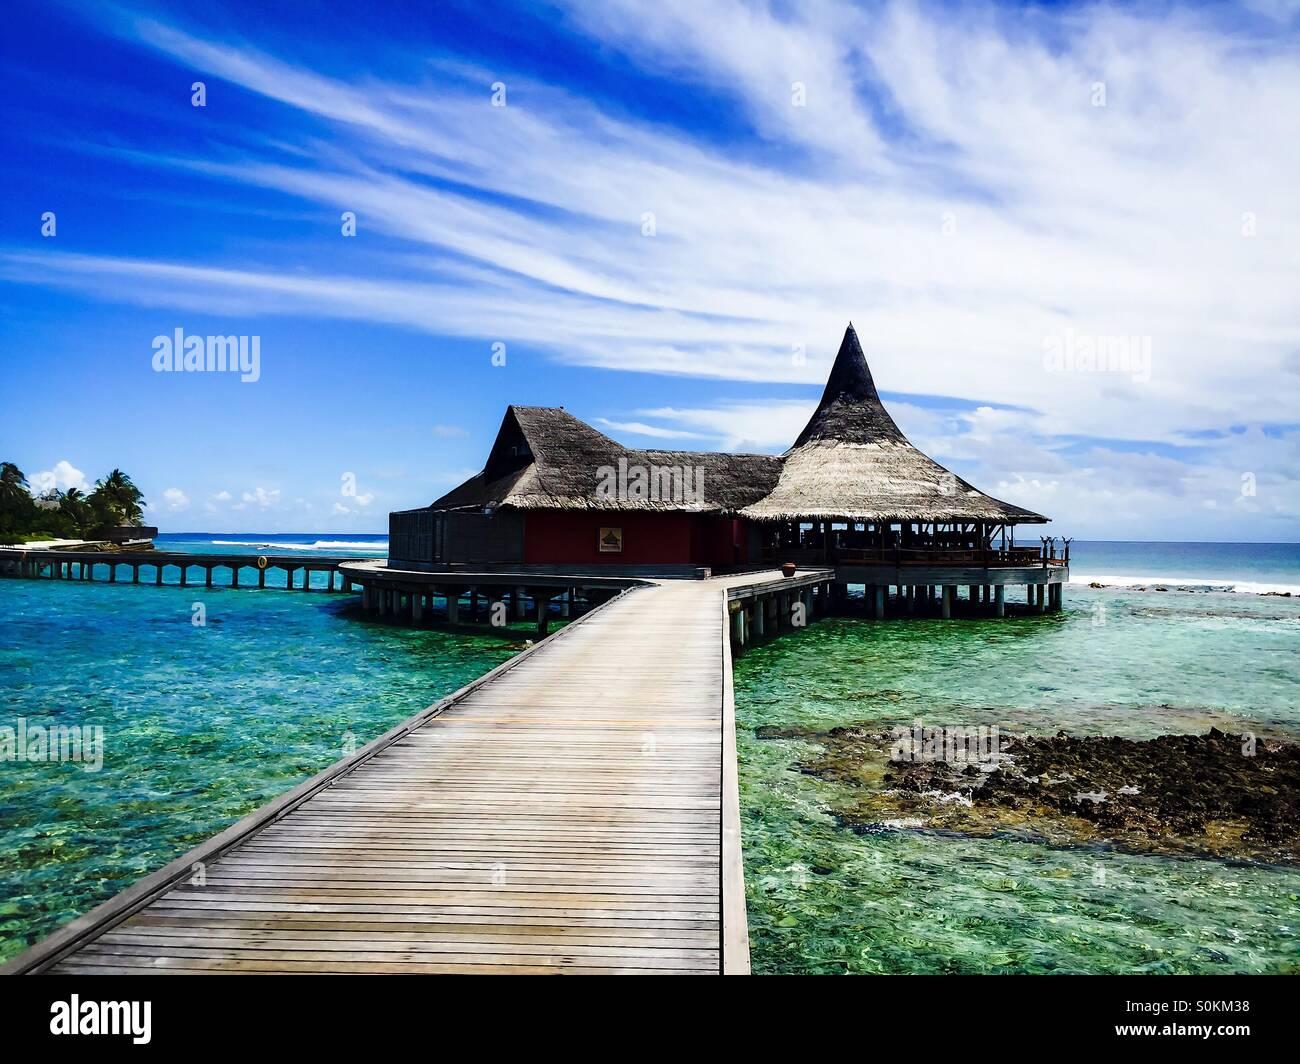 Maldives resort view of bar - Stock Image